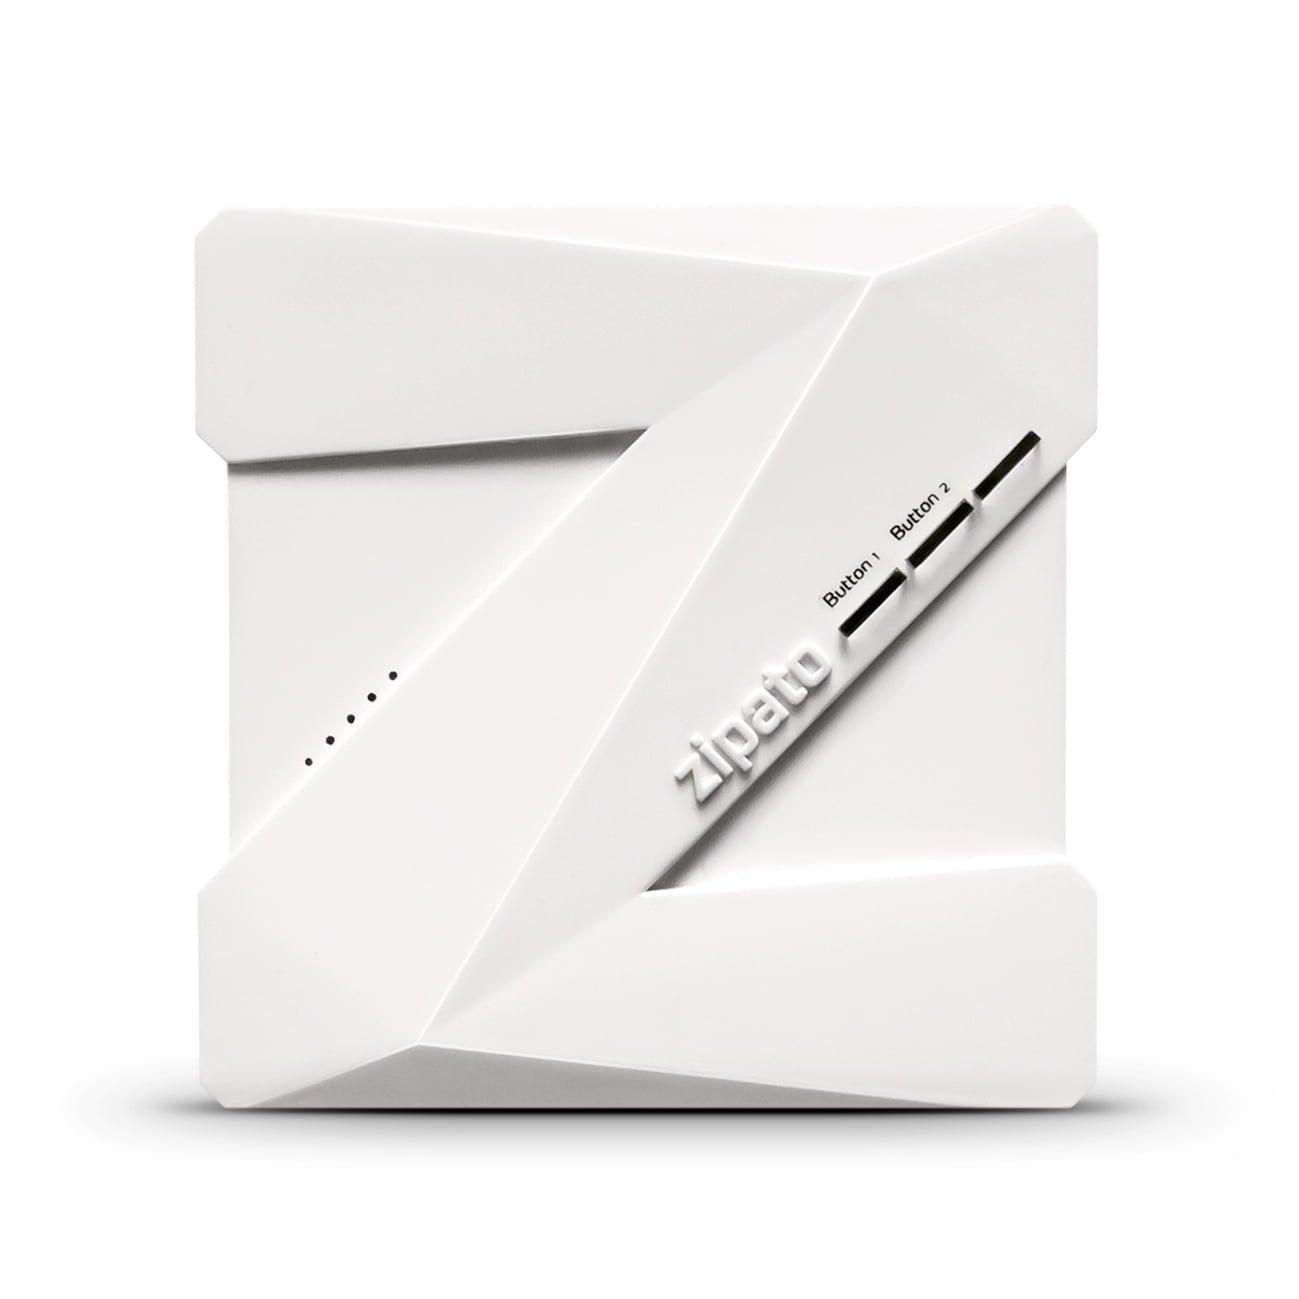 ZWave Zipabox 2